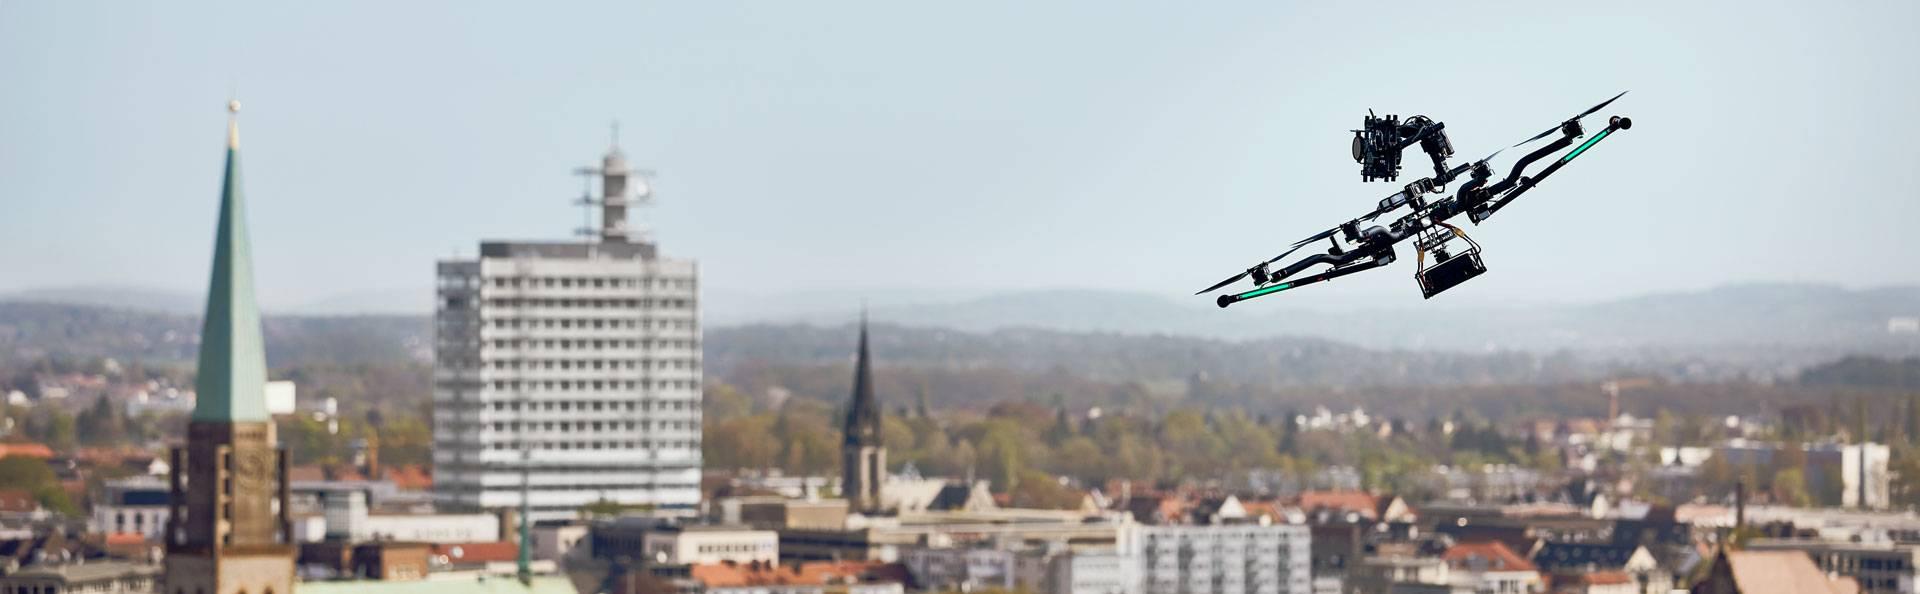 kopterwork freefly alta 8 octokopter für luftaufnahmen